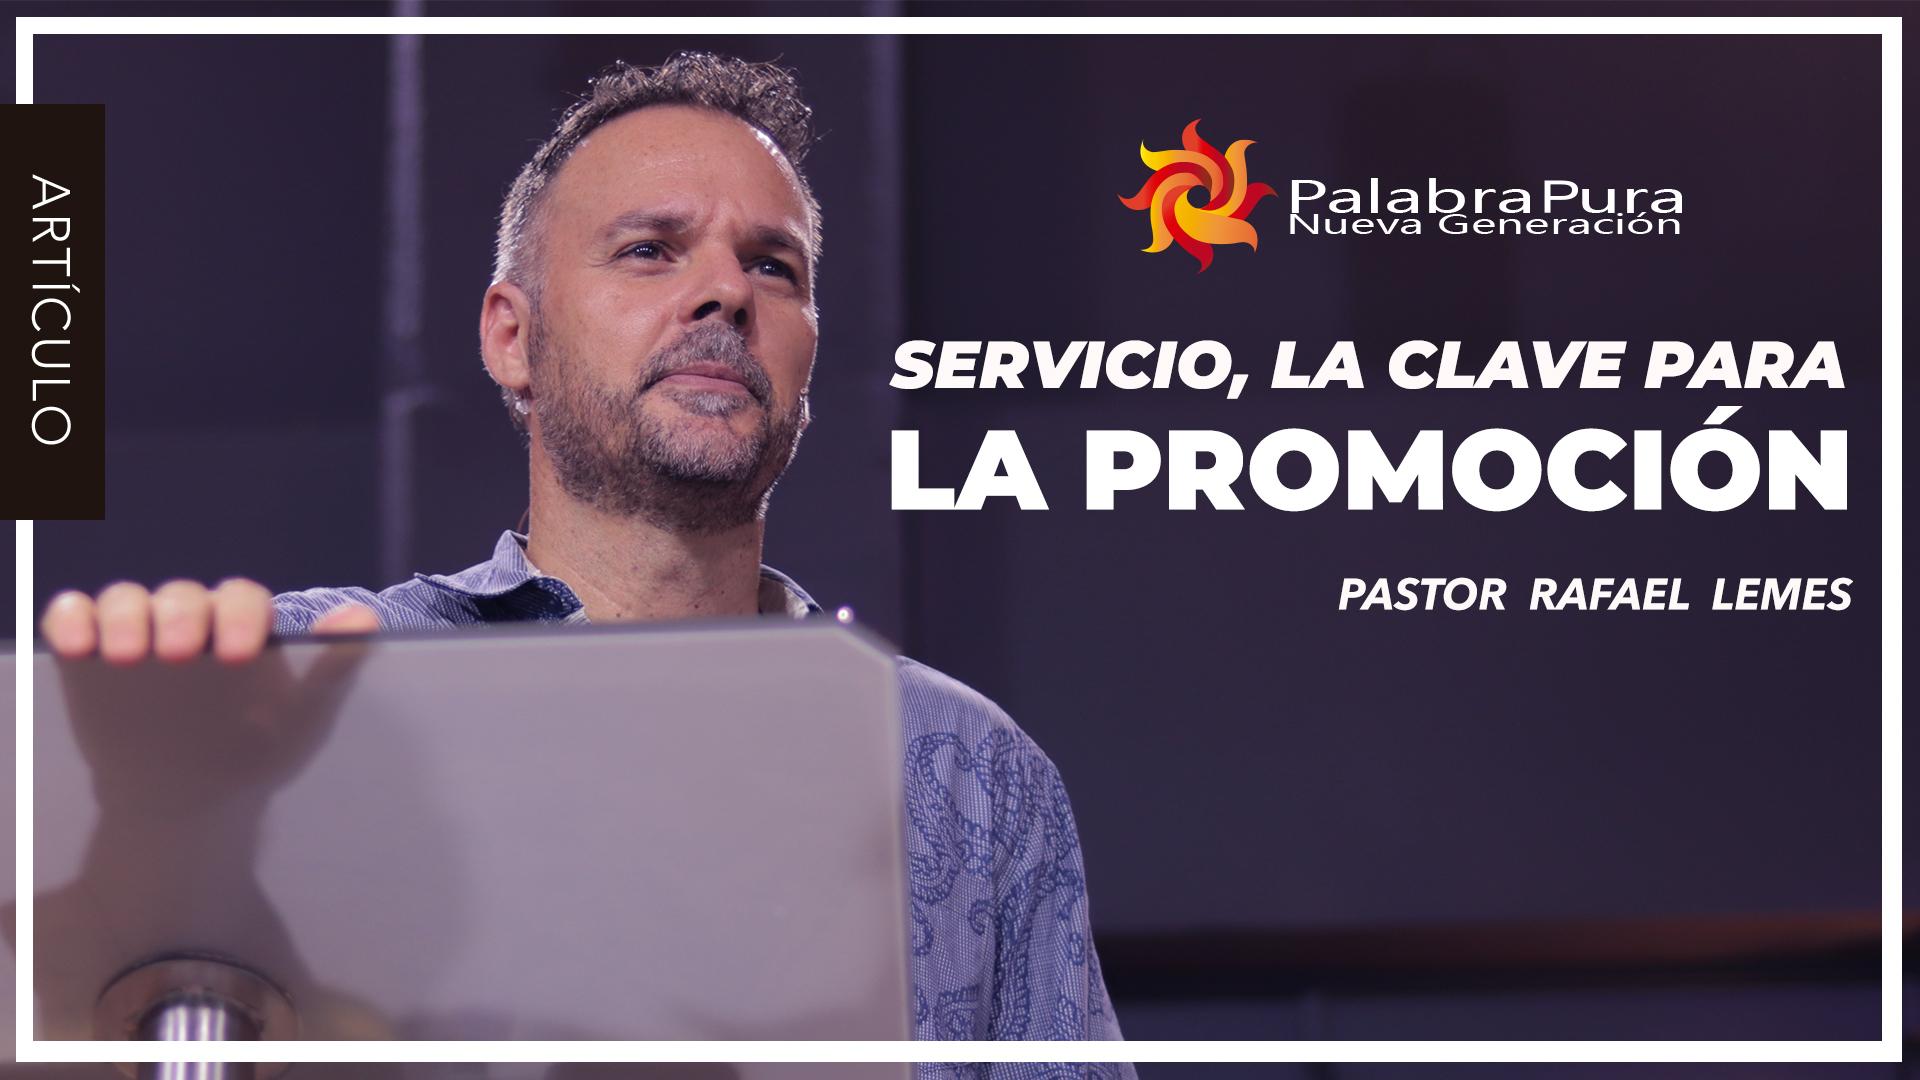 SERVICIO, LA CLAVE PARA LA PROMOCIÓN